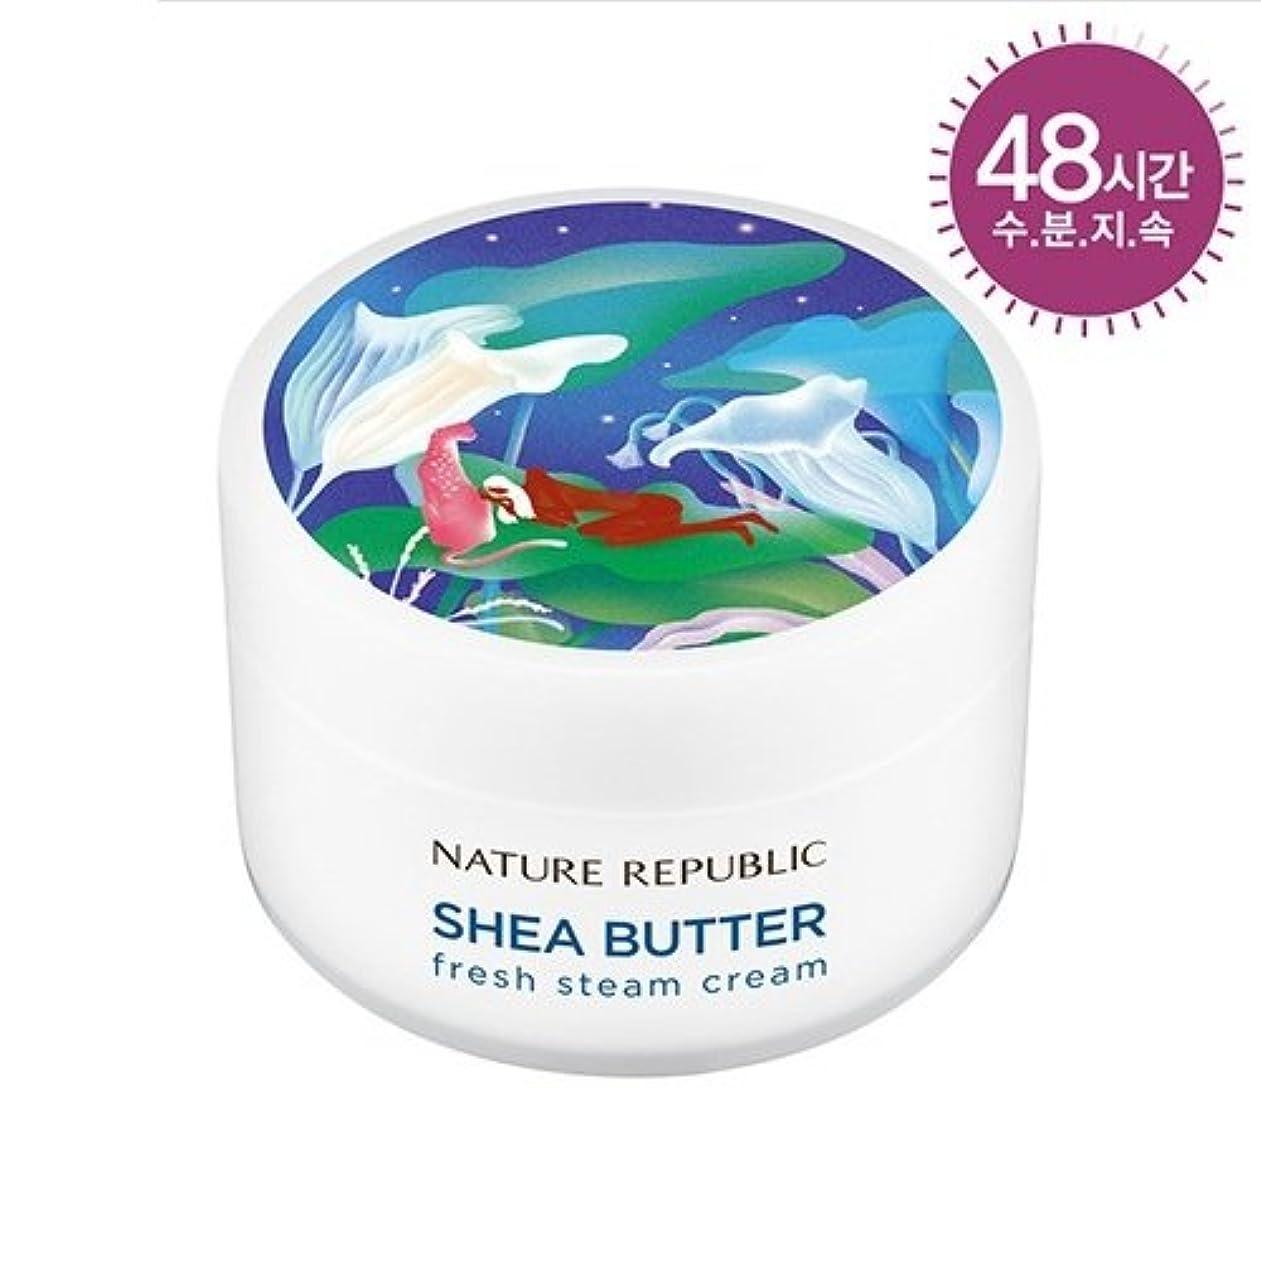 趣味勇敢な何かNATURE REPUBLIC(ネイチャーリパブリック) SHEA BUTTER STEAM CREAM シアバター スチーム クリーム #フレッシュスオイリー肌